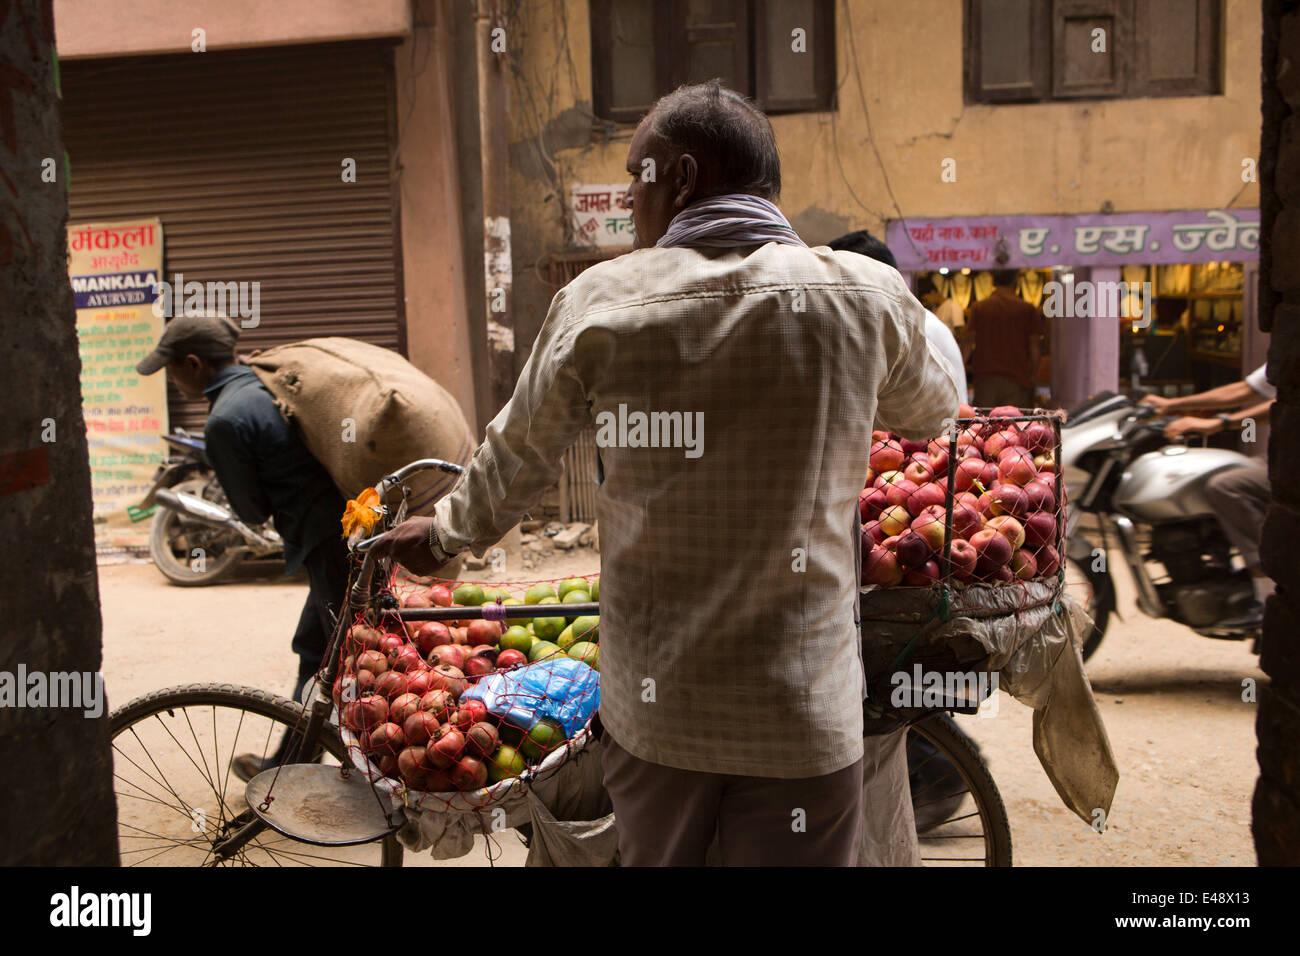 Le Népal, Katmandou, Bangemudha, vendeur de fruits avec location laden avec des pommes à vendre Photo Stock